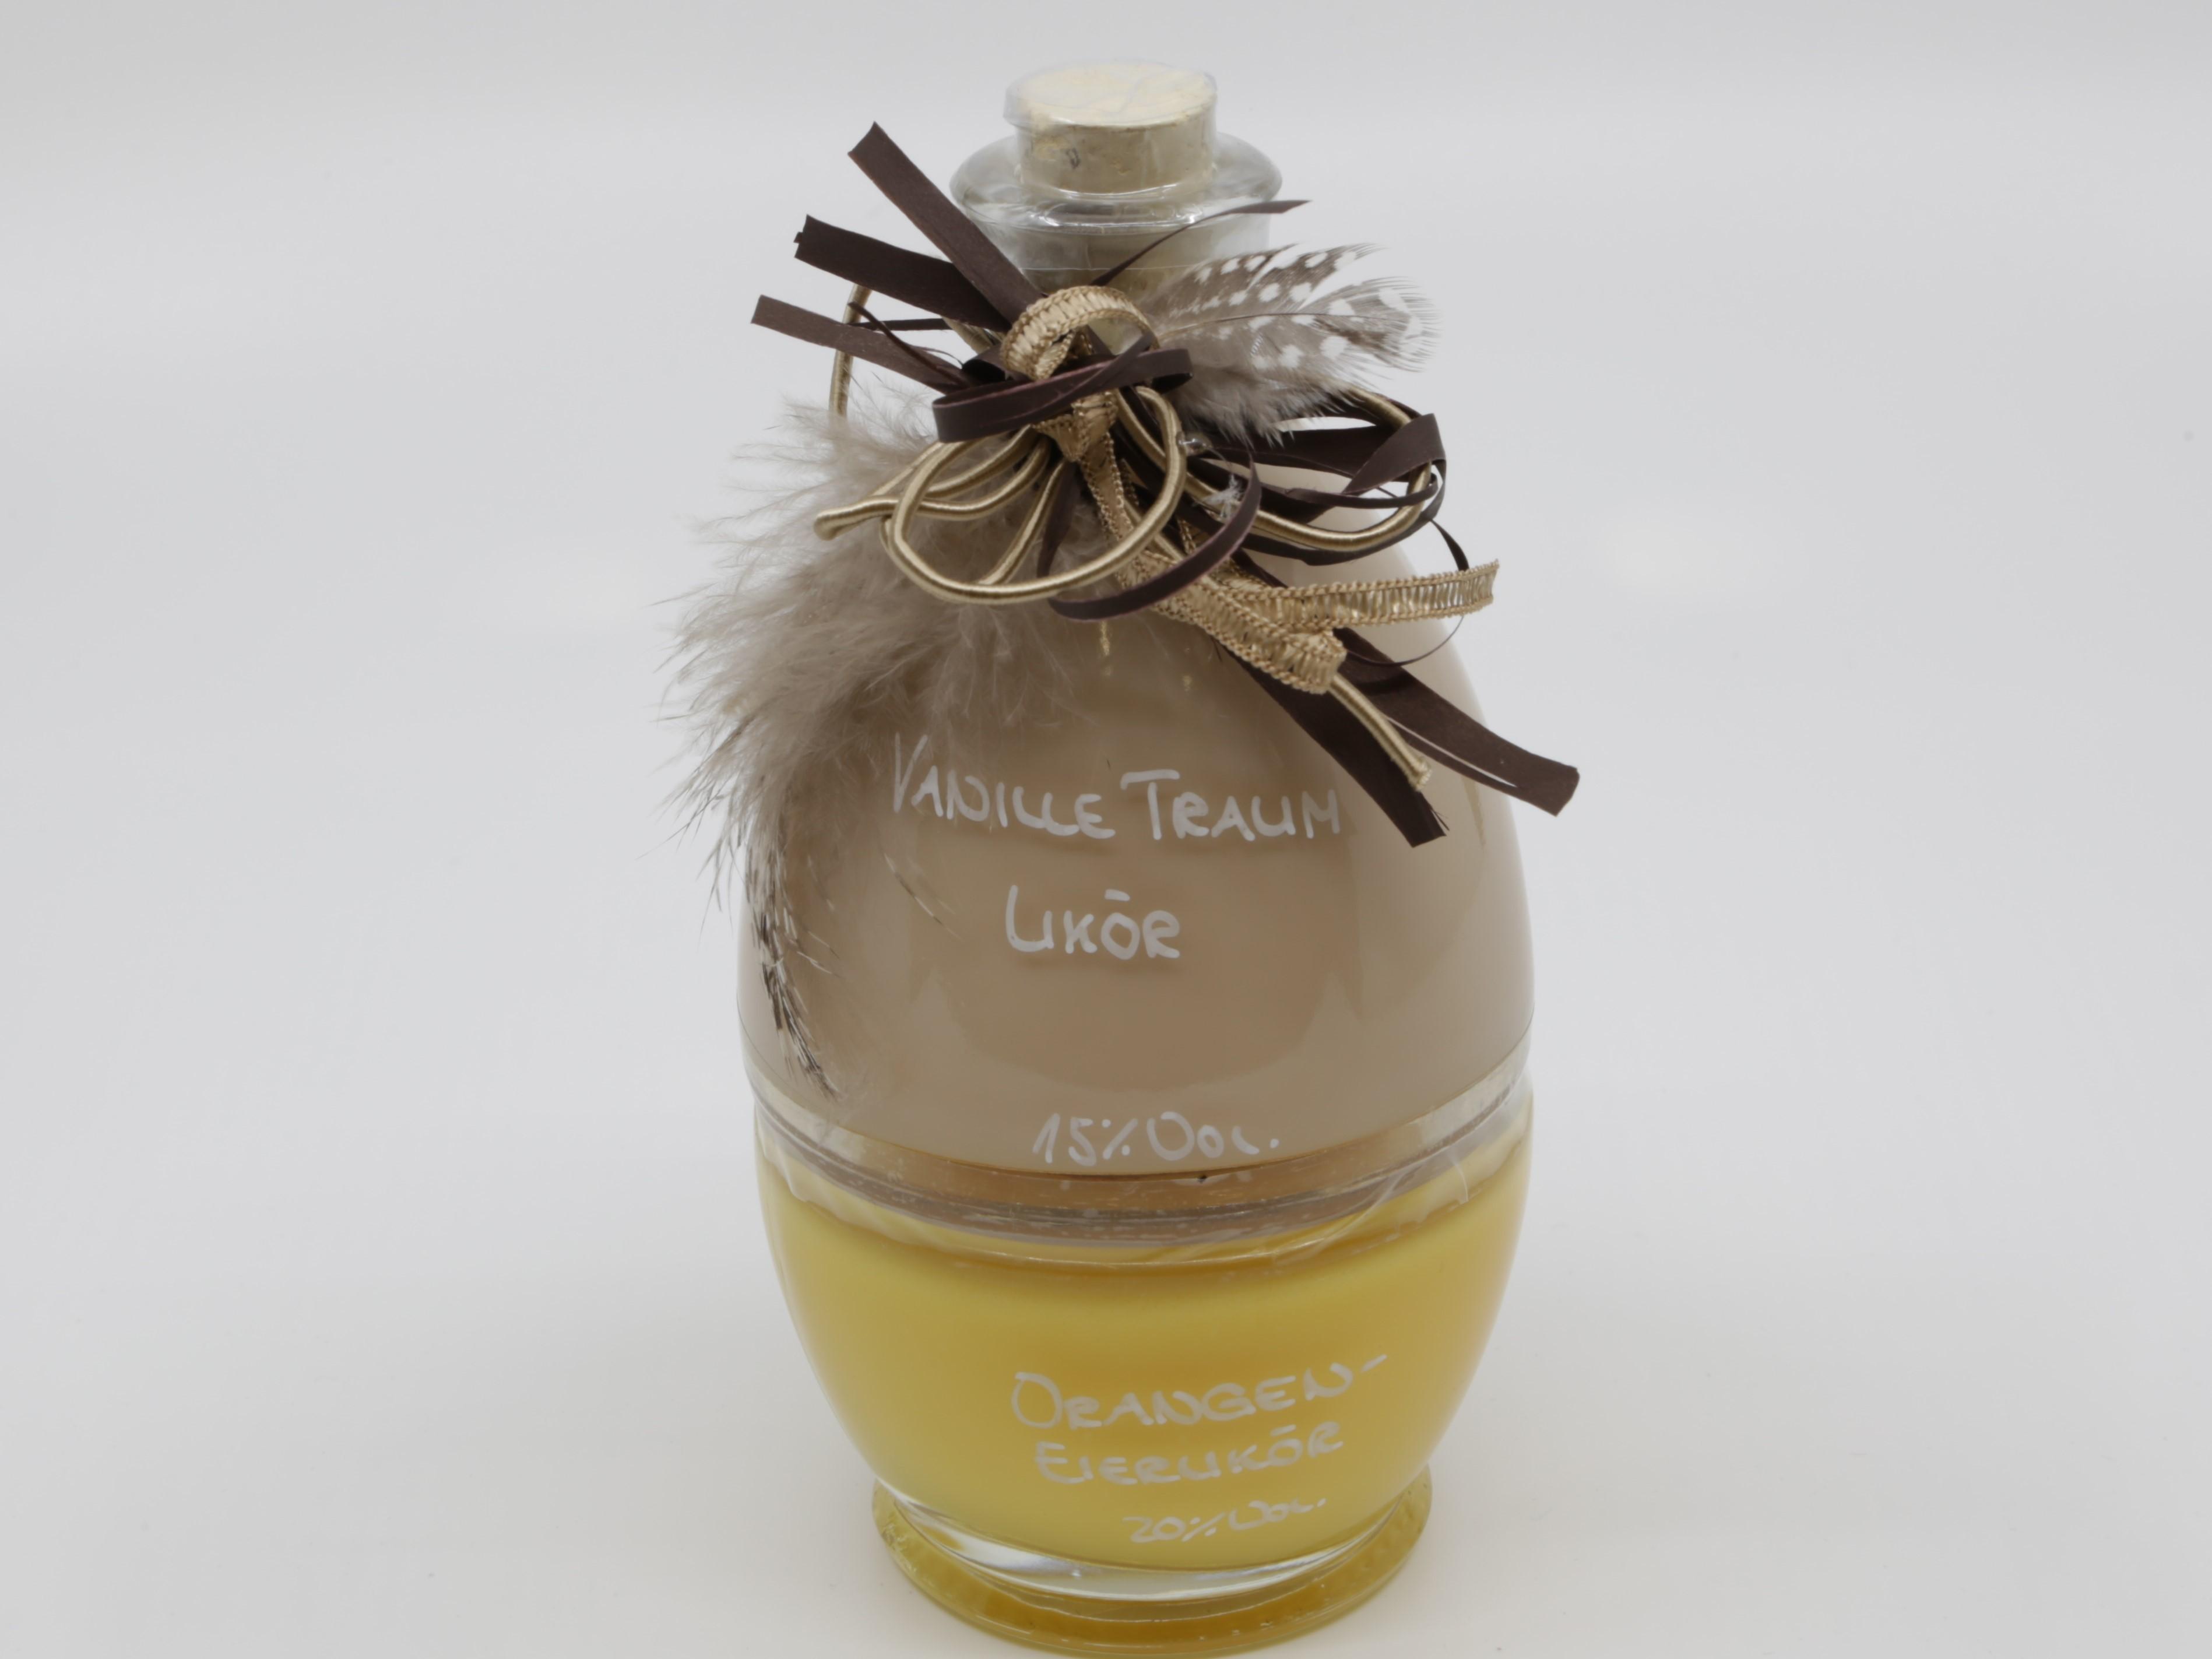 Orangen-Eierlikör und Vanille Traum in Osterei-Flasche